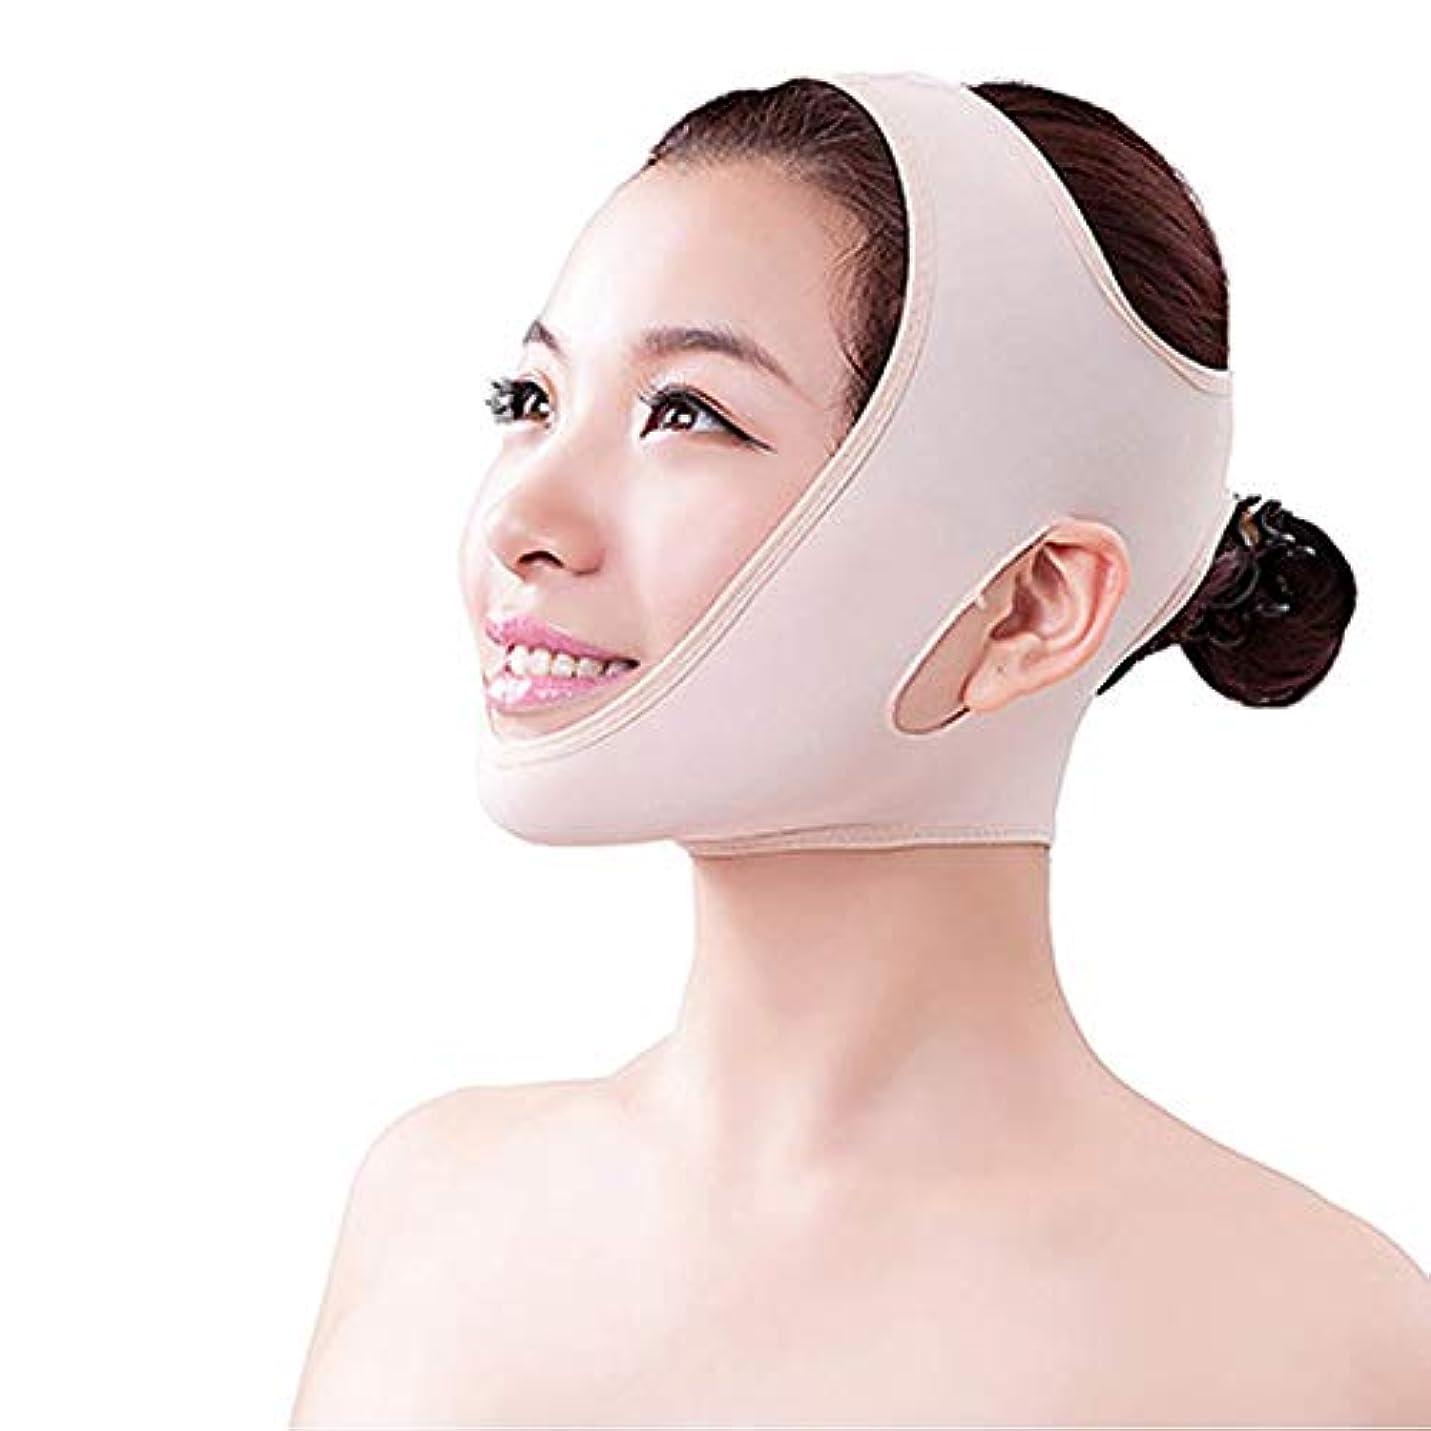 勝利解くフェードZWBD フェイスマスク, 薄い顔包帯小さなV面包帯薄いフェースマスク昇降吊り耳通気ビームフェイスマスクライトピンク